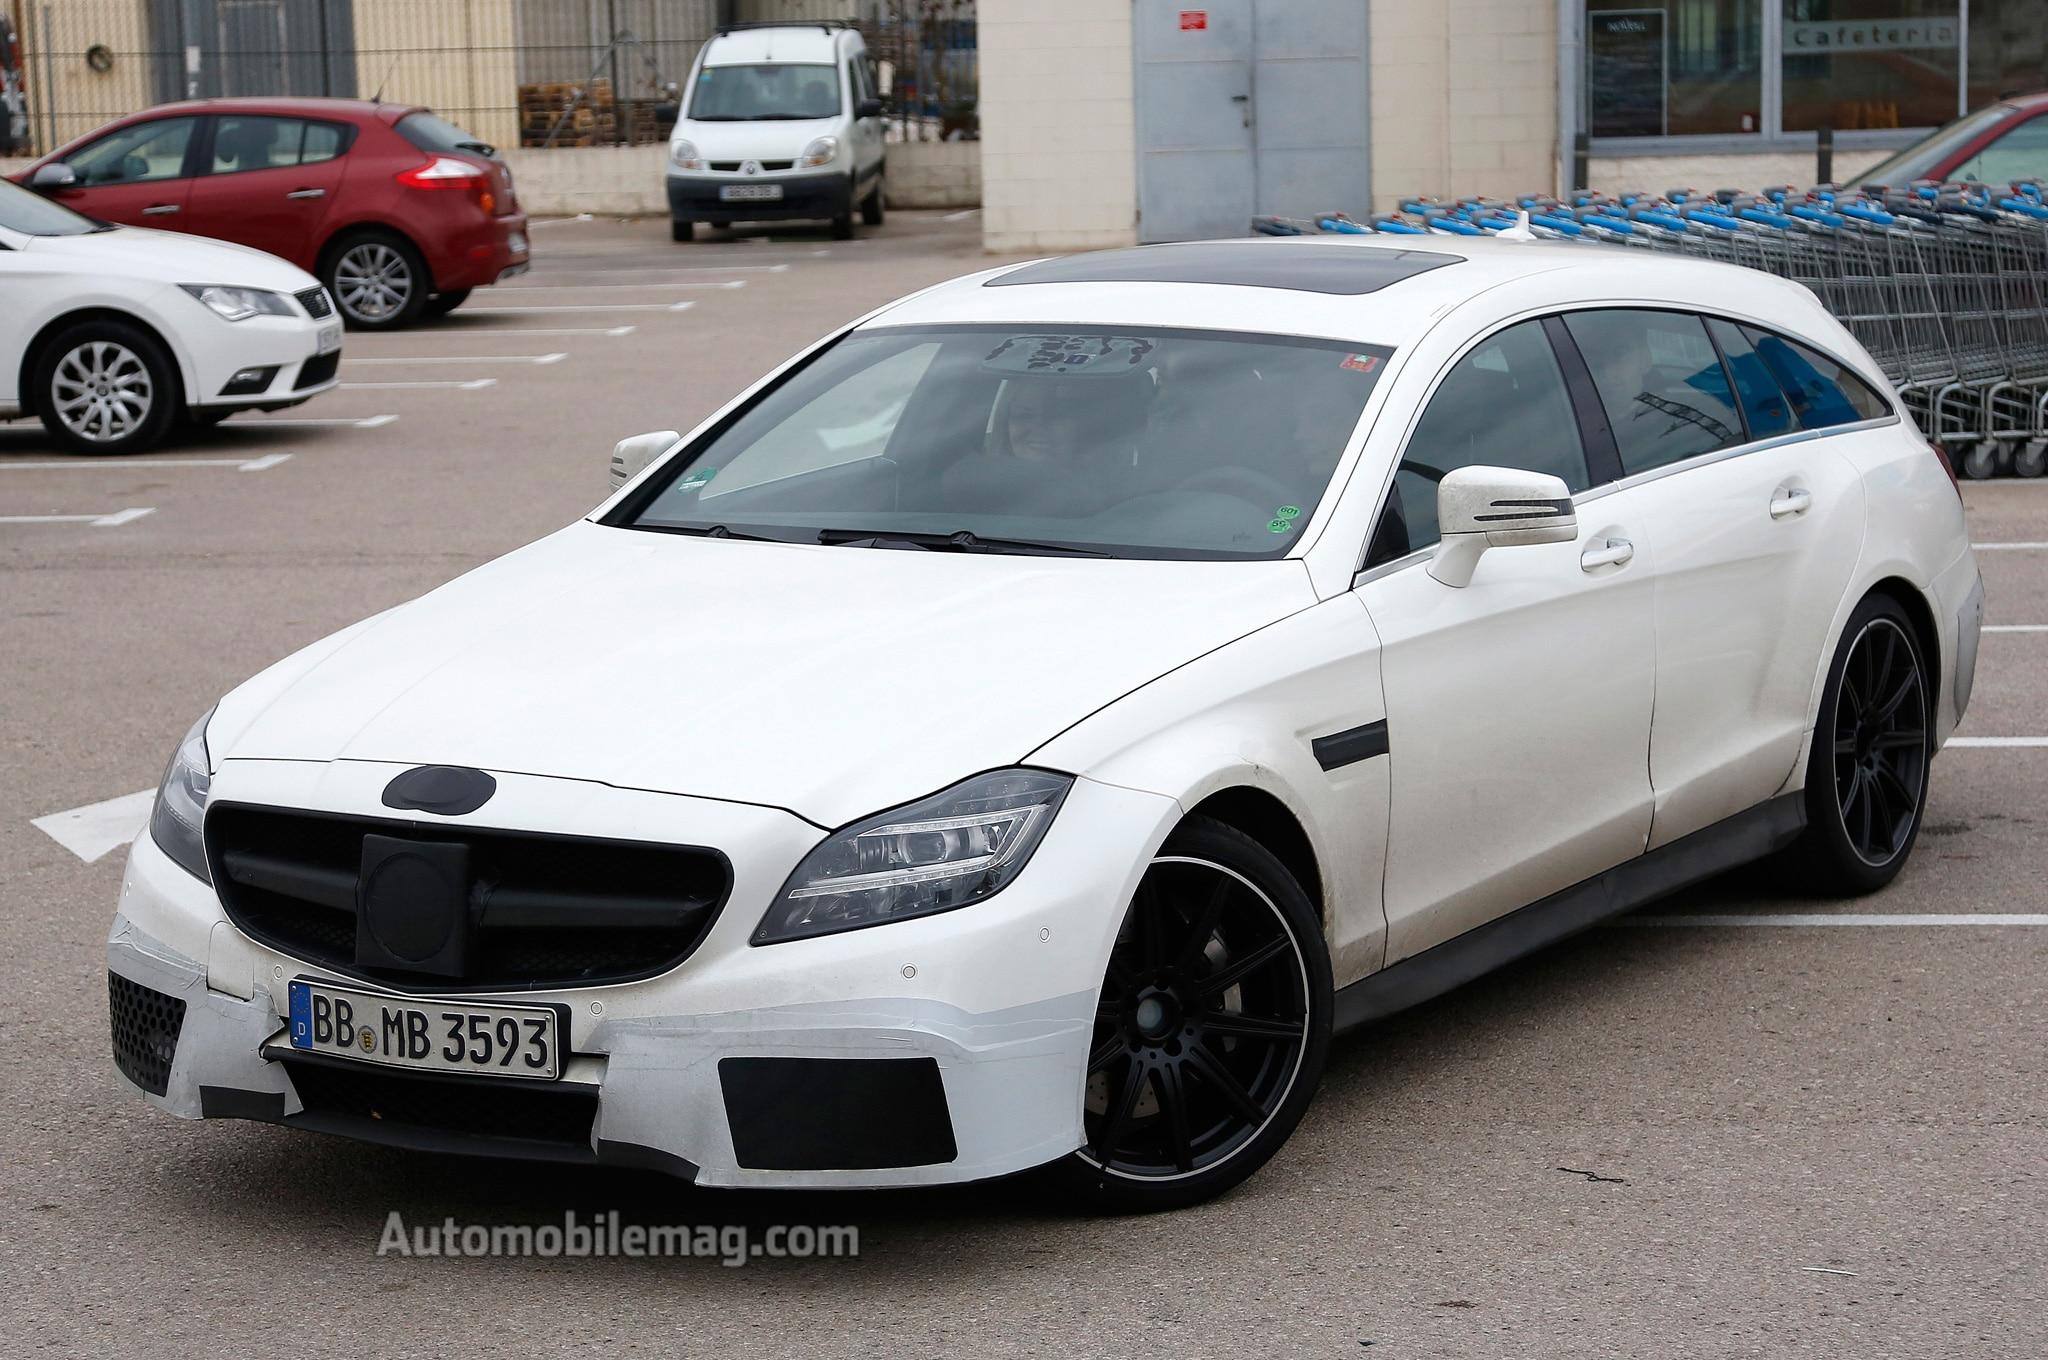 2015 mercedes benz cls63 amg facelift spied automobile for Mercedes benz cls amg for sale